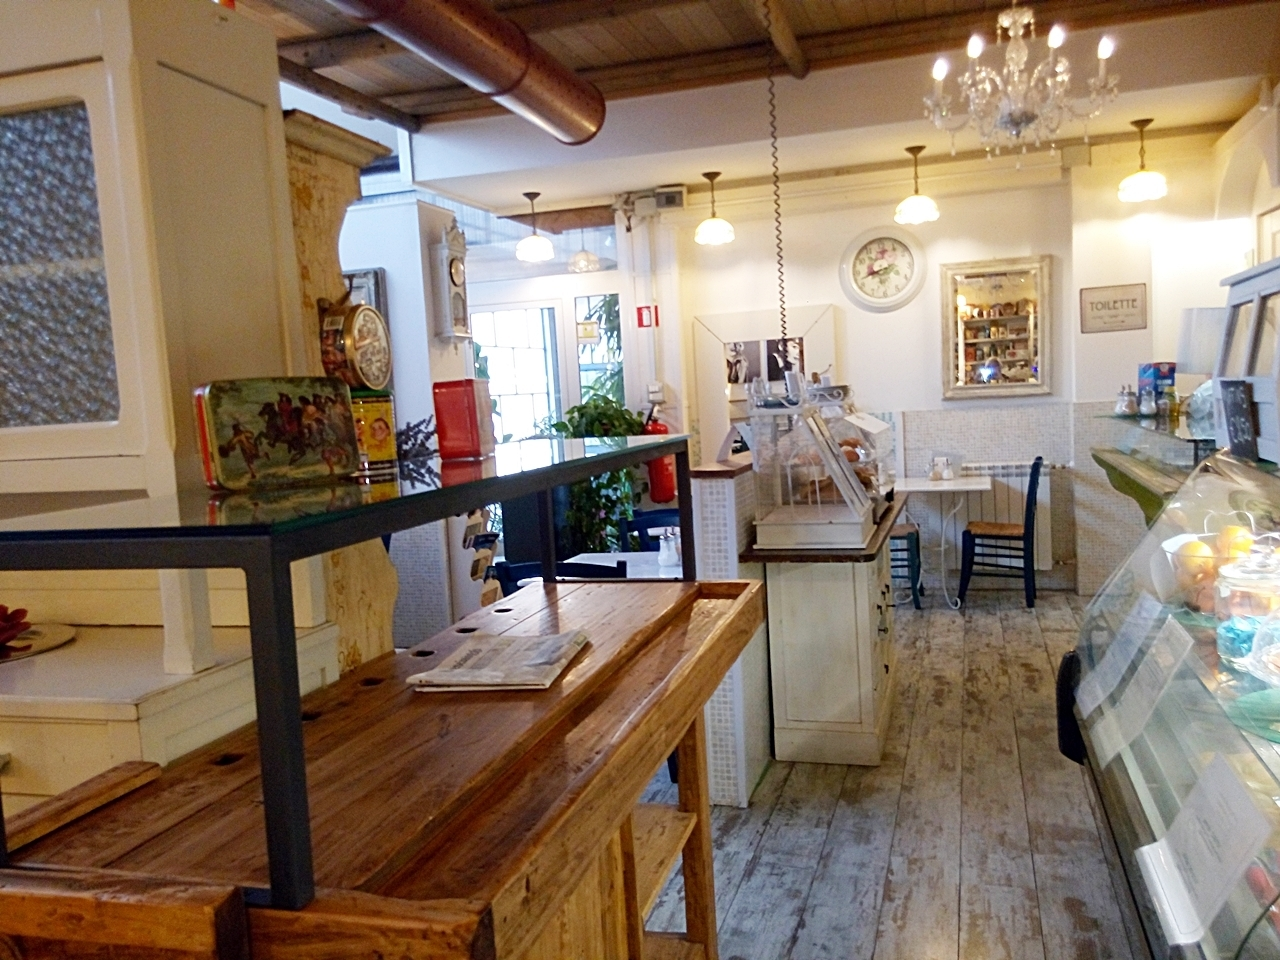 Bar Ristorante a Brescia Rif. 9706912